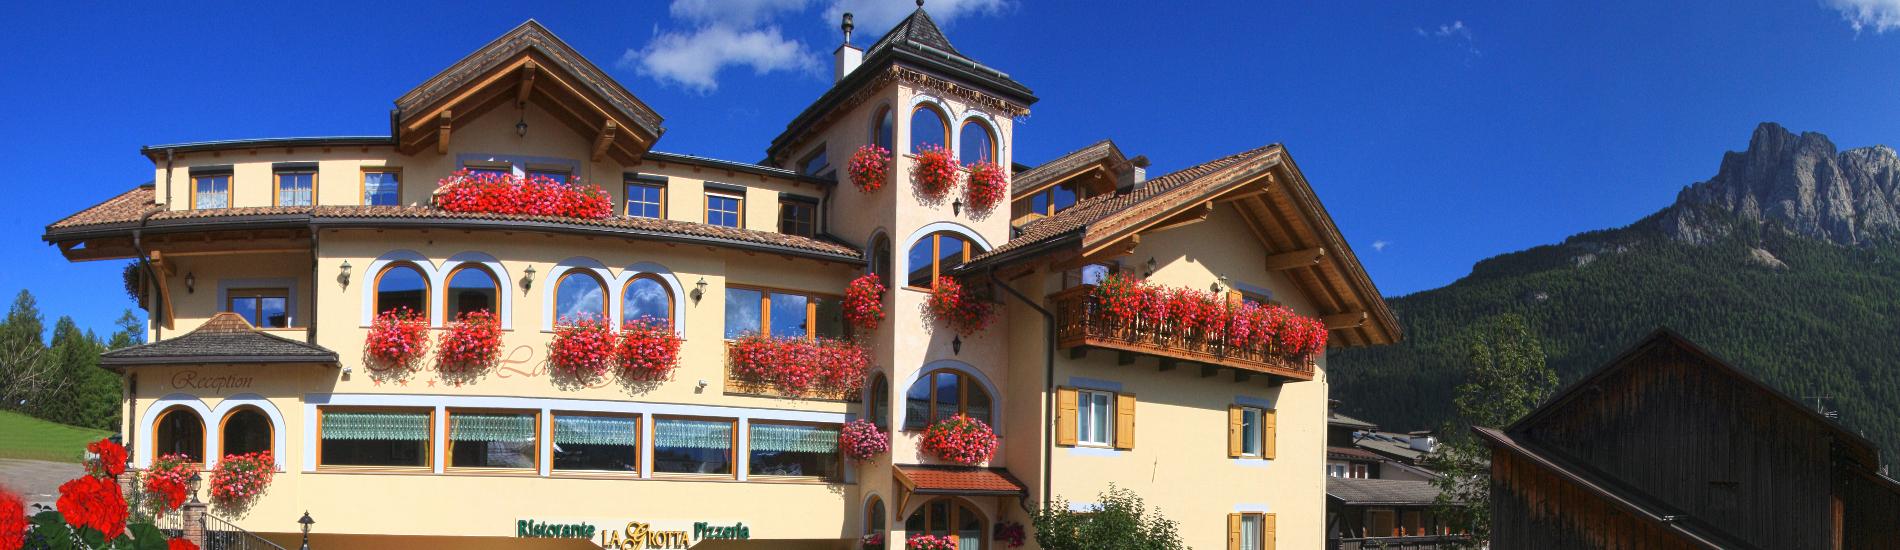 Miglior Hotel della Val di Fassa